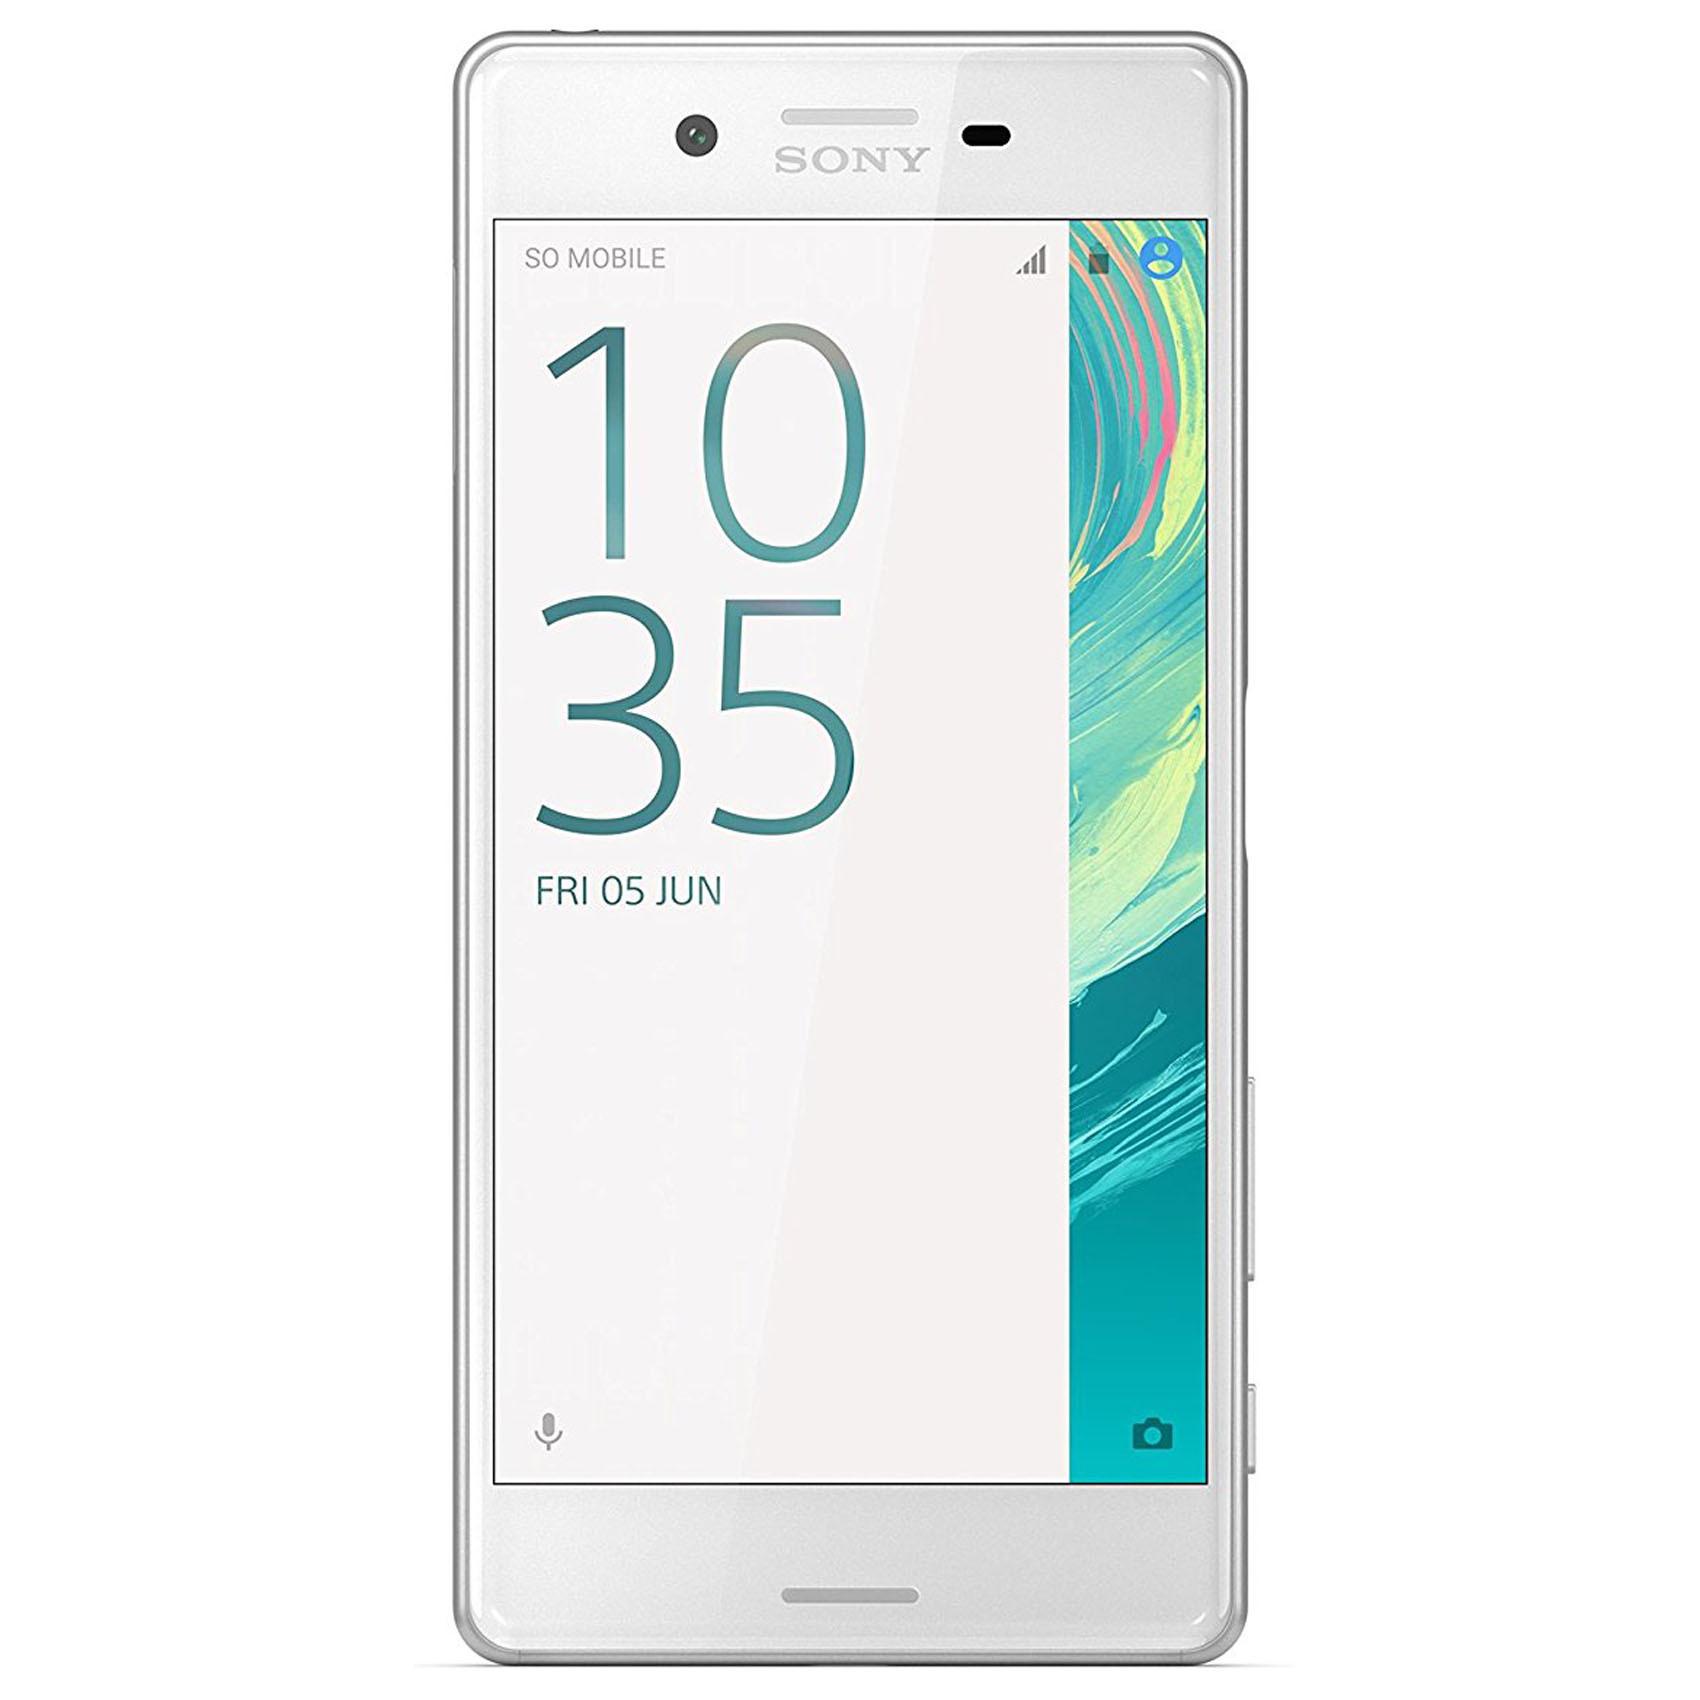 SONY XPERIA X 64GB DS 4G WHITE